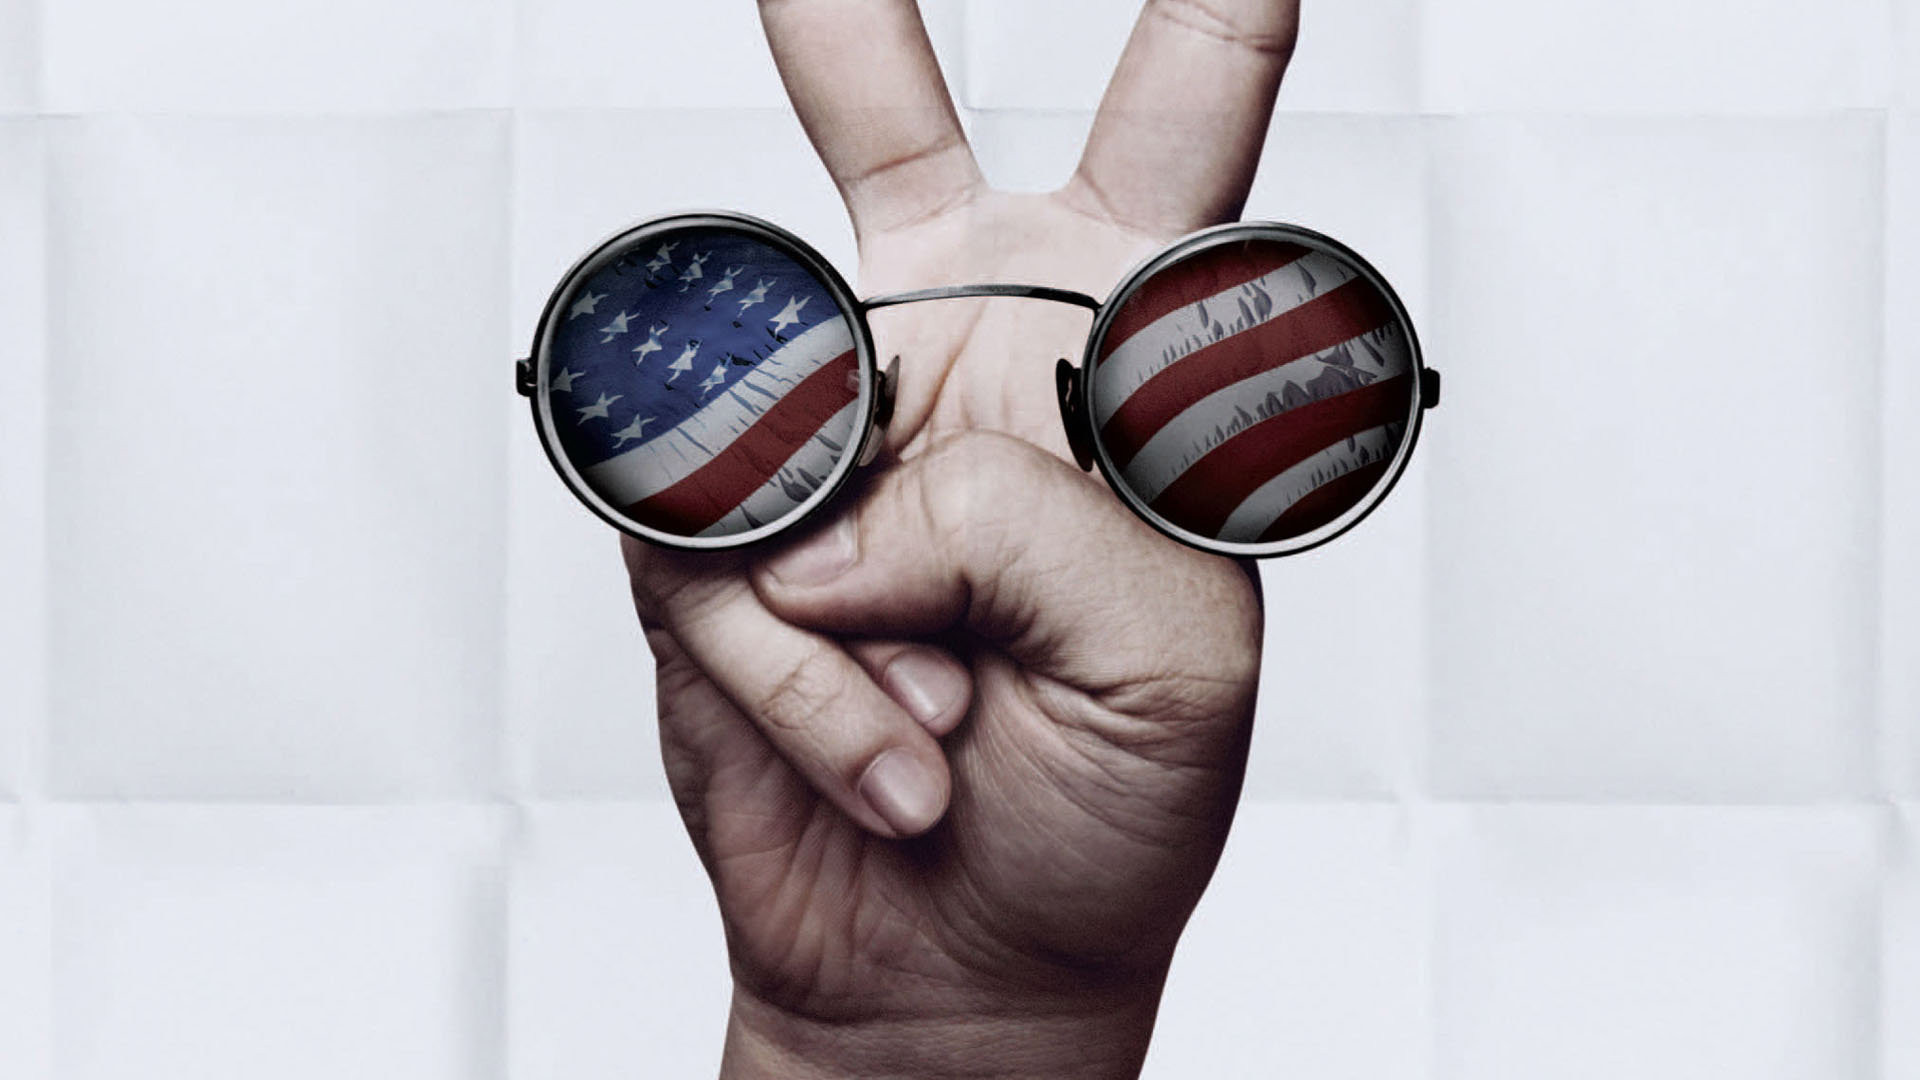 Америка против Джона Леннона смотреть фото